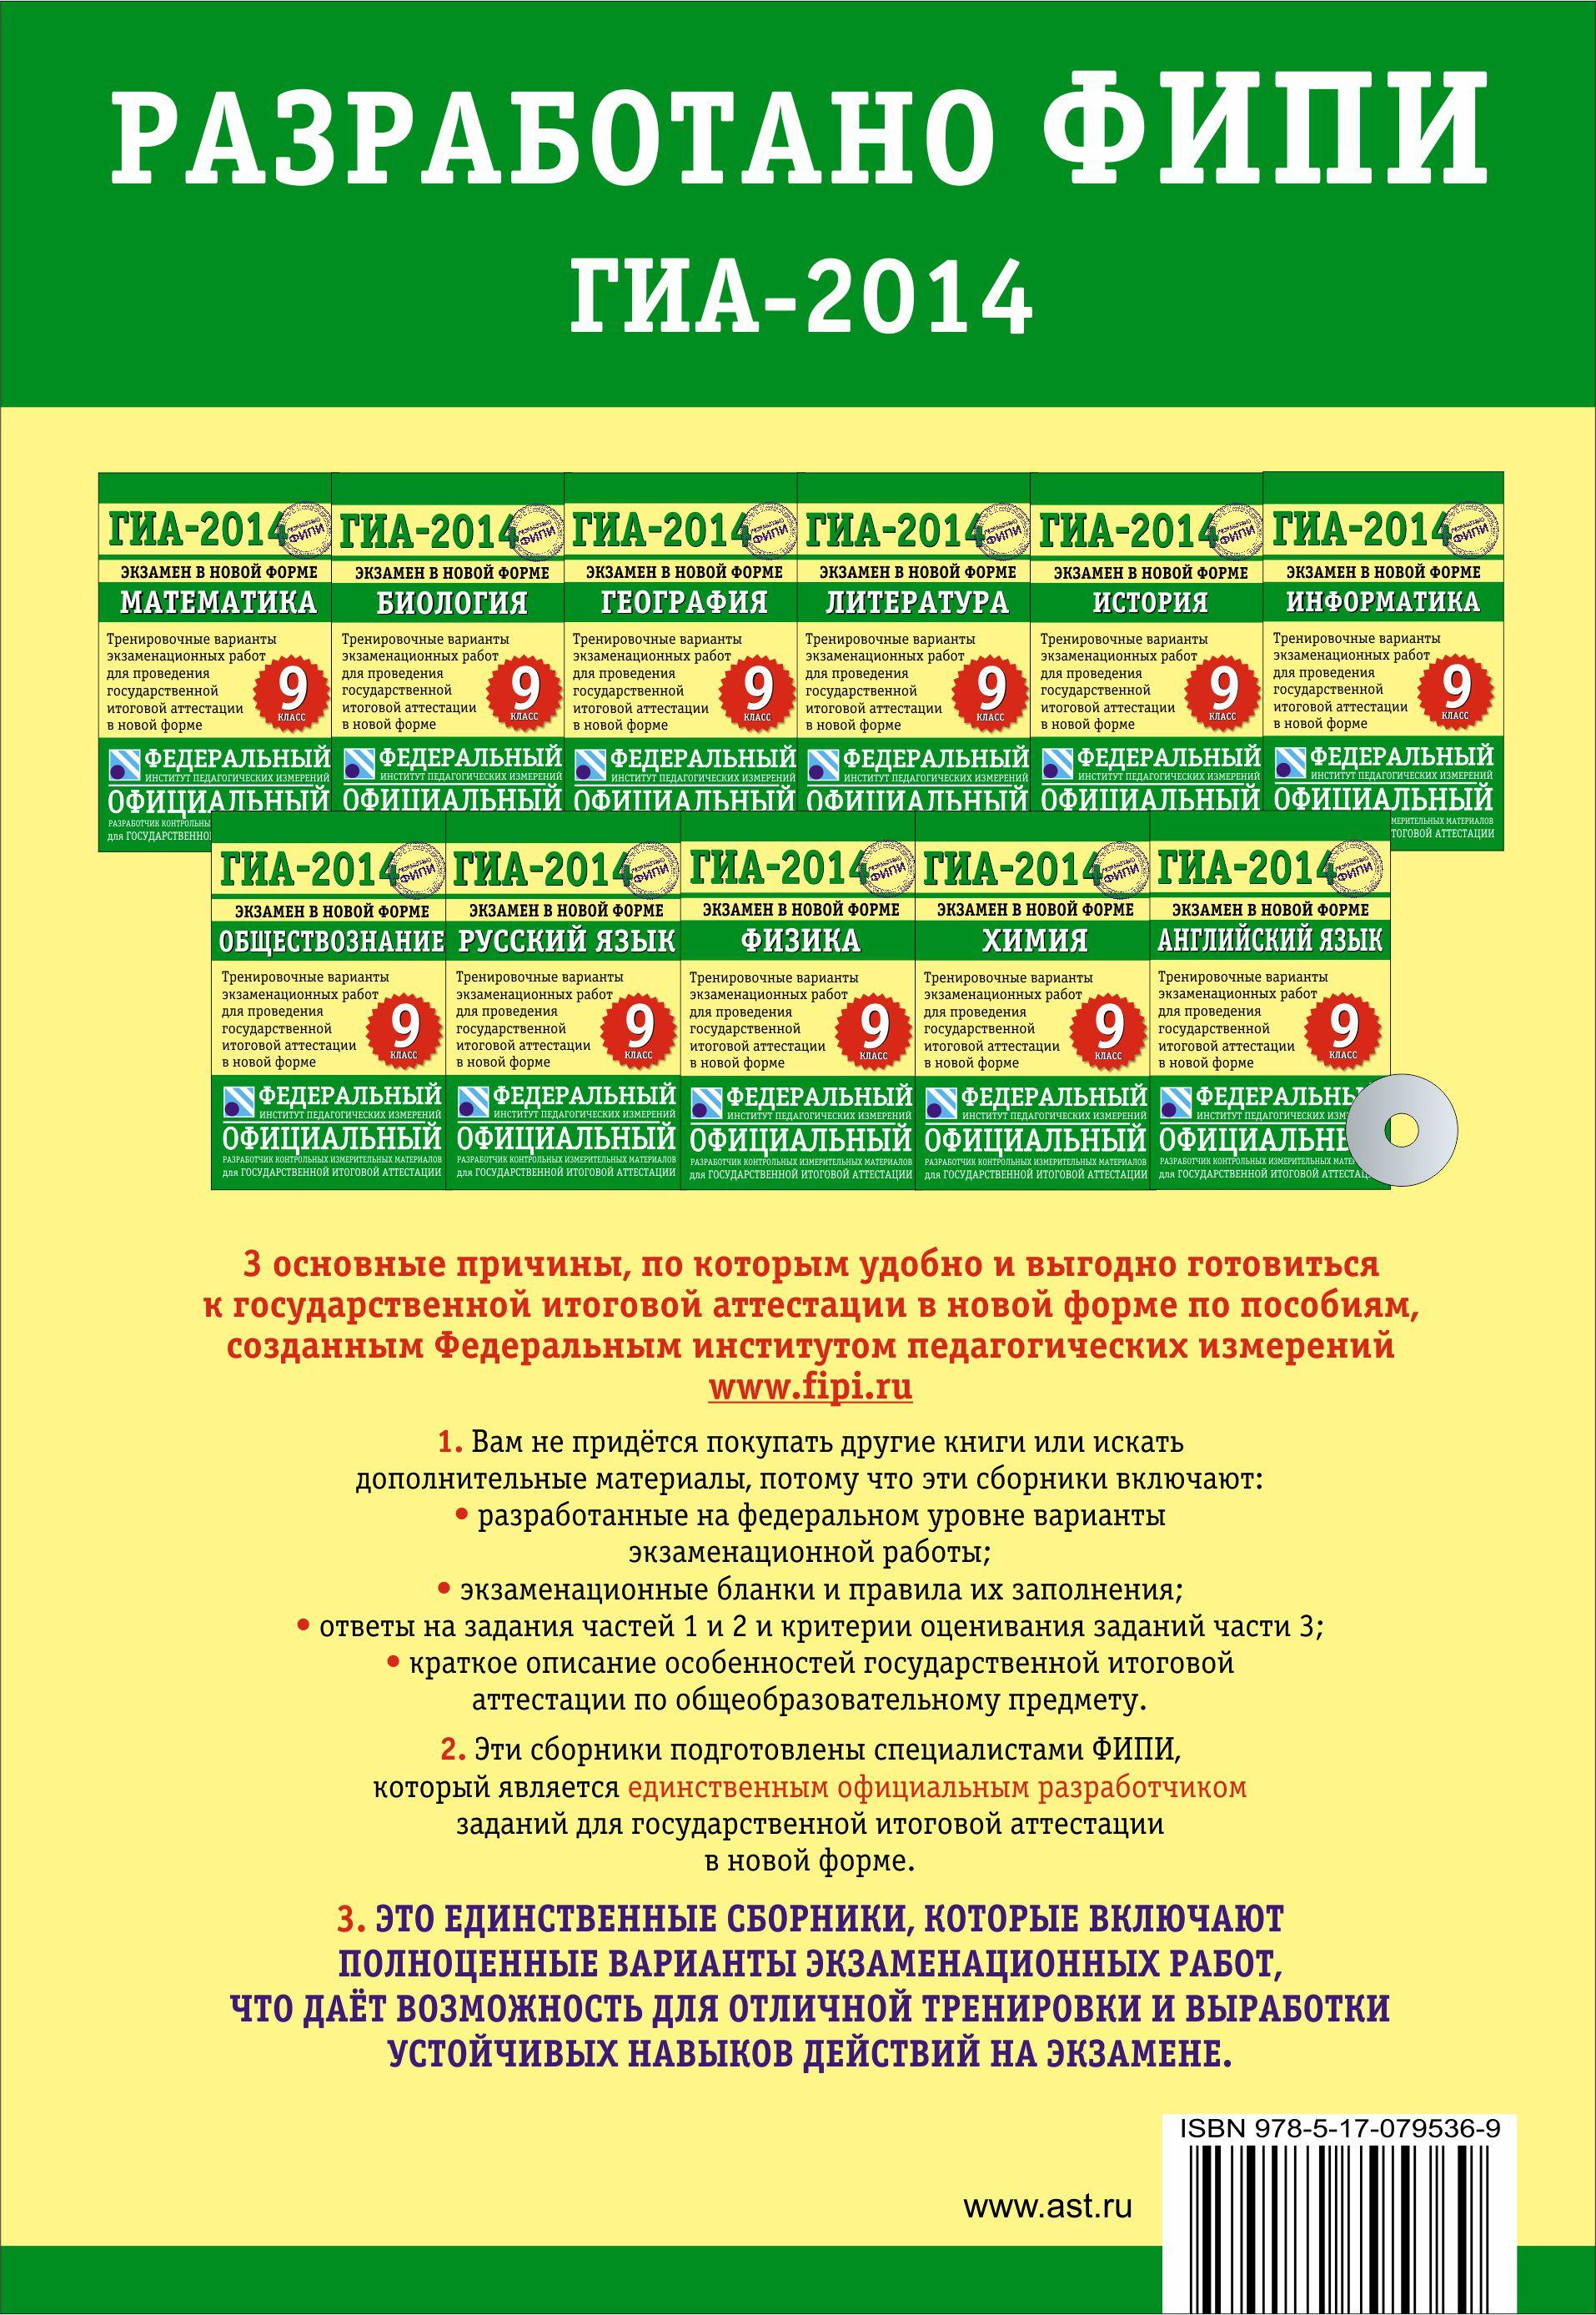 ГИА-2014. История. 9 класс. Экзамен в новой форме. Тренировочные варианты экзаменационных работ